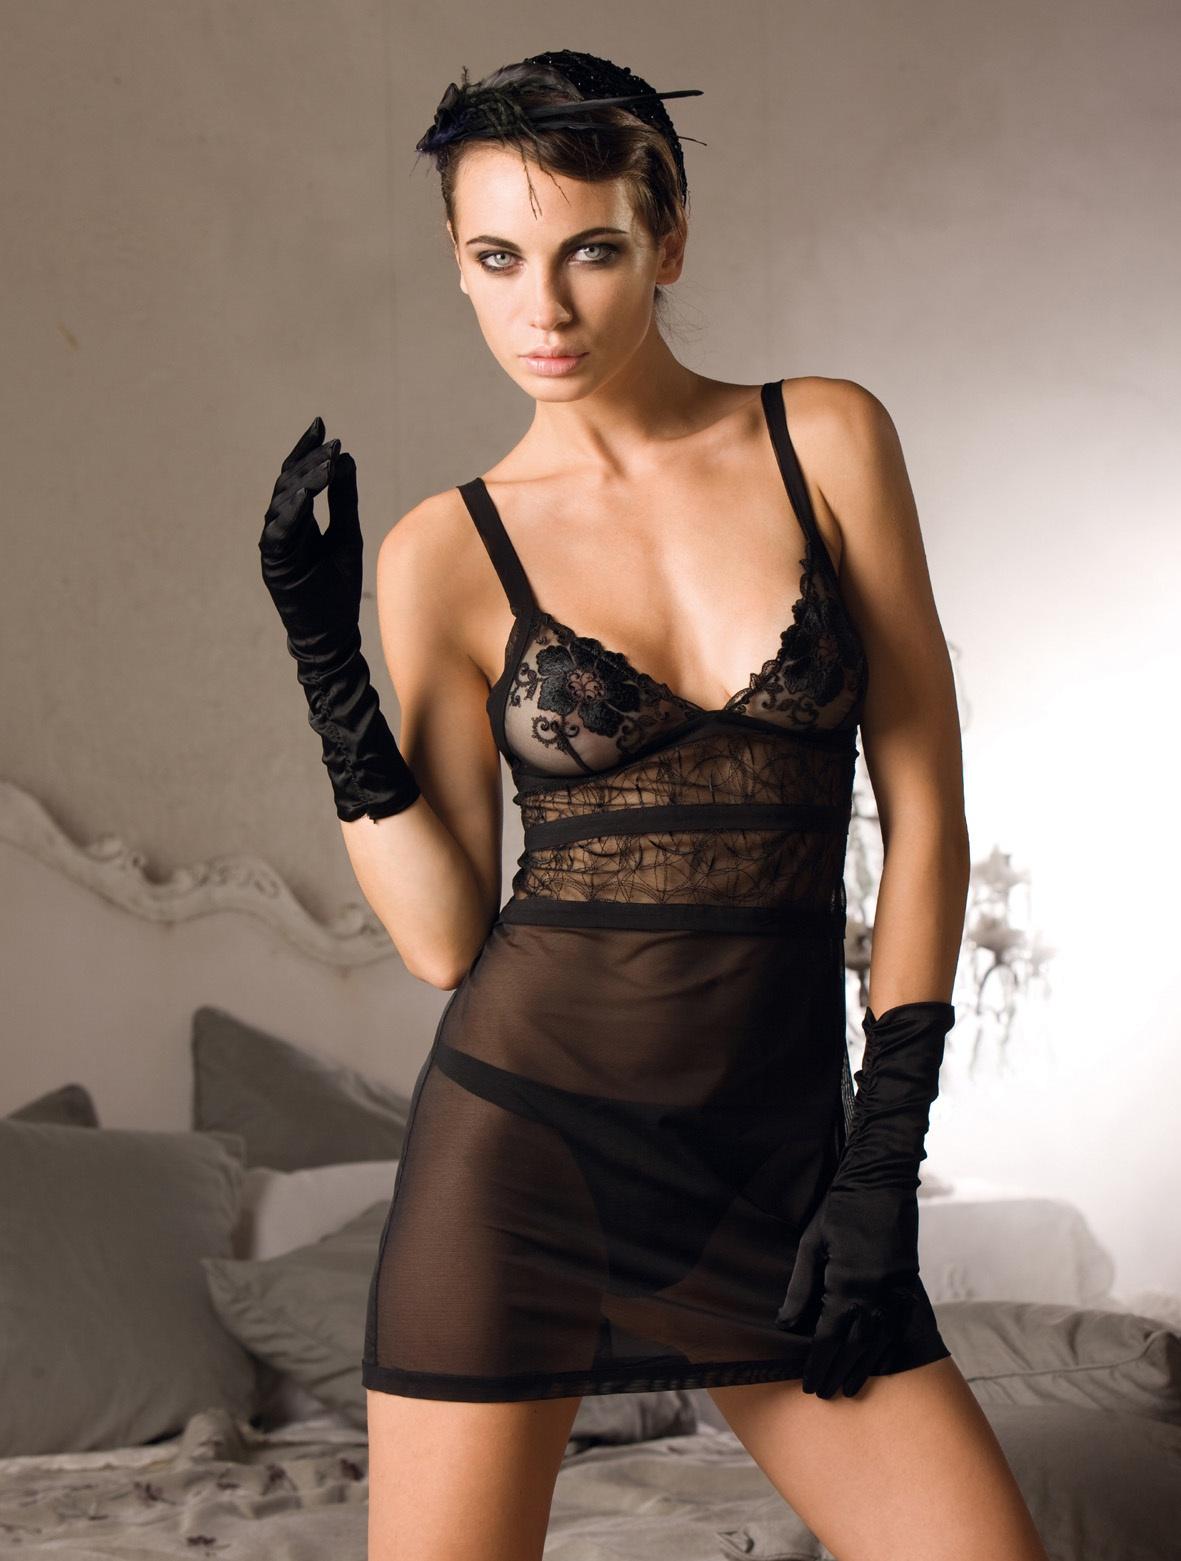 Прозрачное черное белье 13 фотография